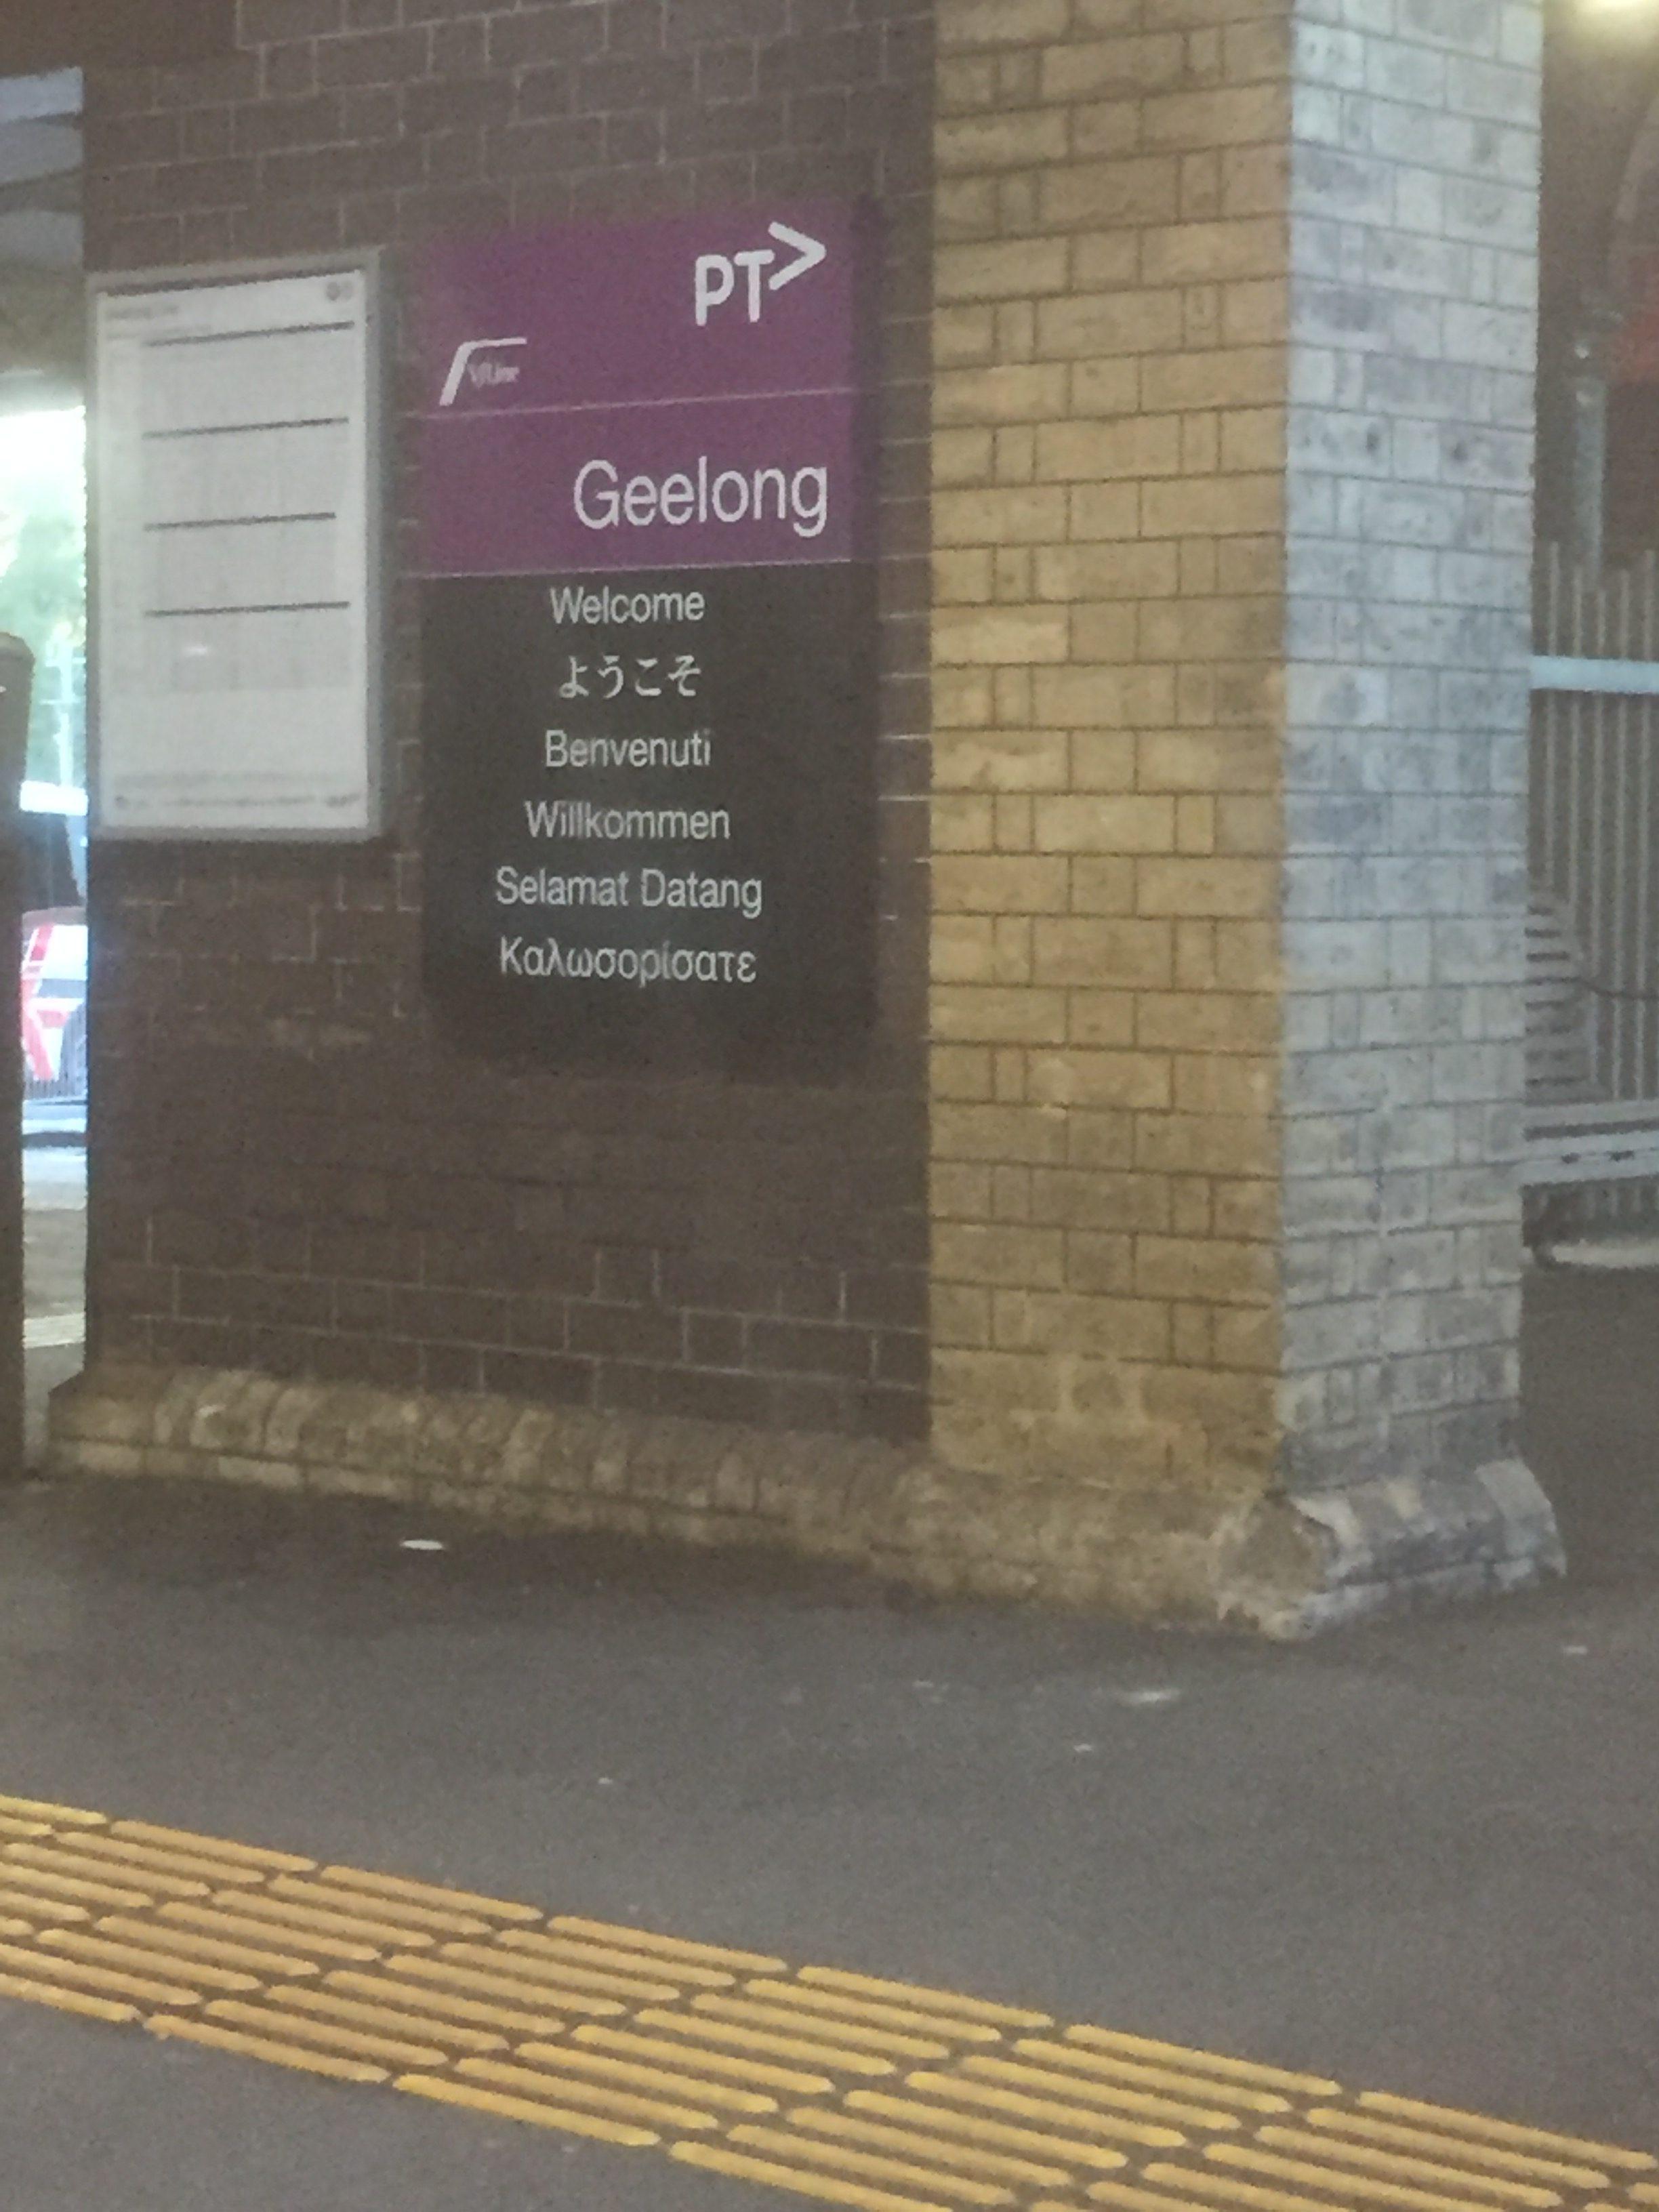 ジーロング駅